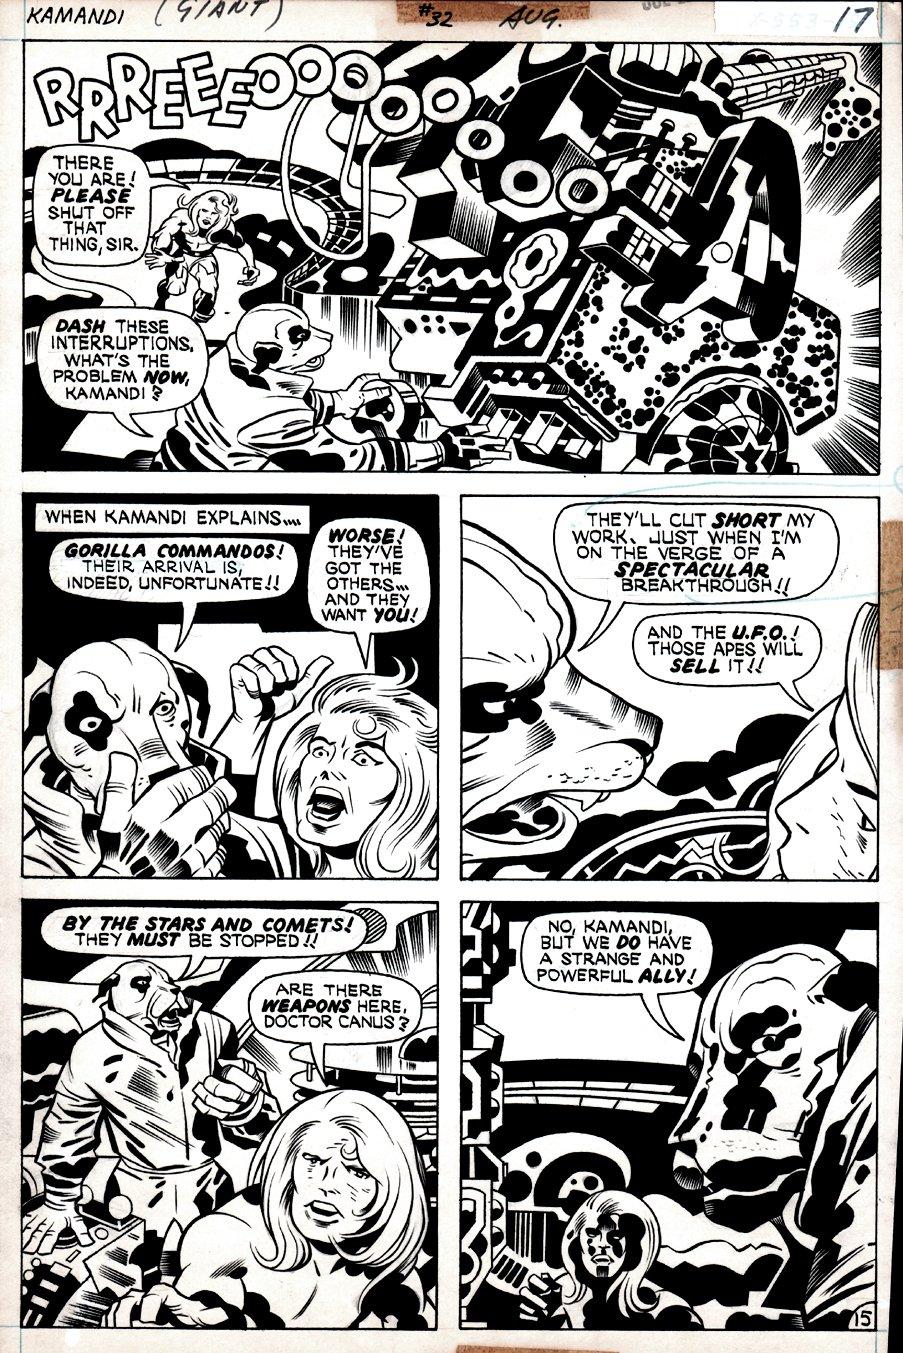 Kamandi #32 p 15 (Kamandi, Dr. Canus, 'ME'!) 1975